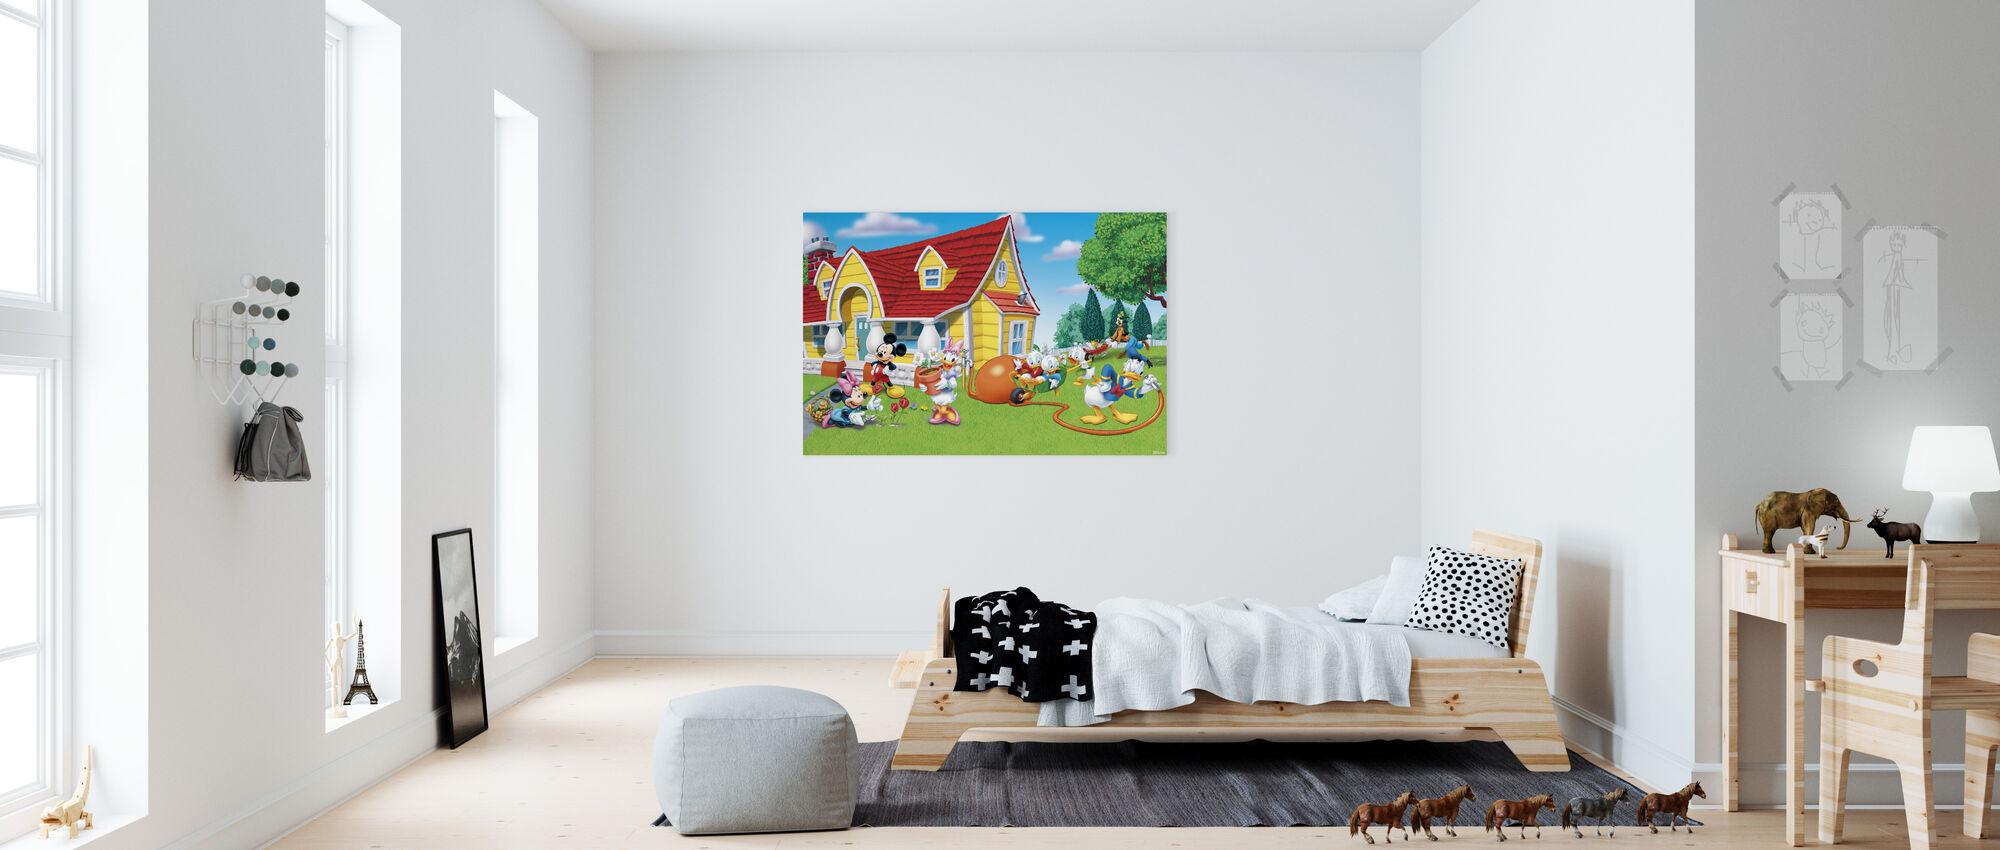 Musse och vänner - Trädgård - Canvastavla - Barnrum